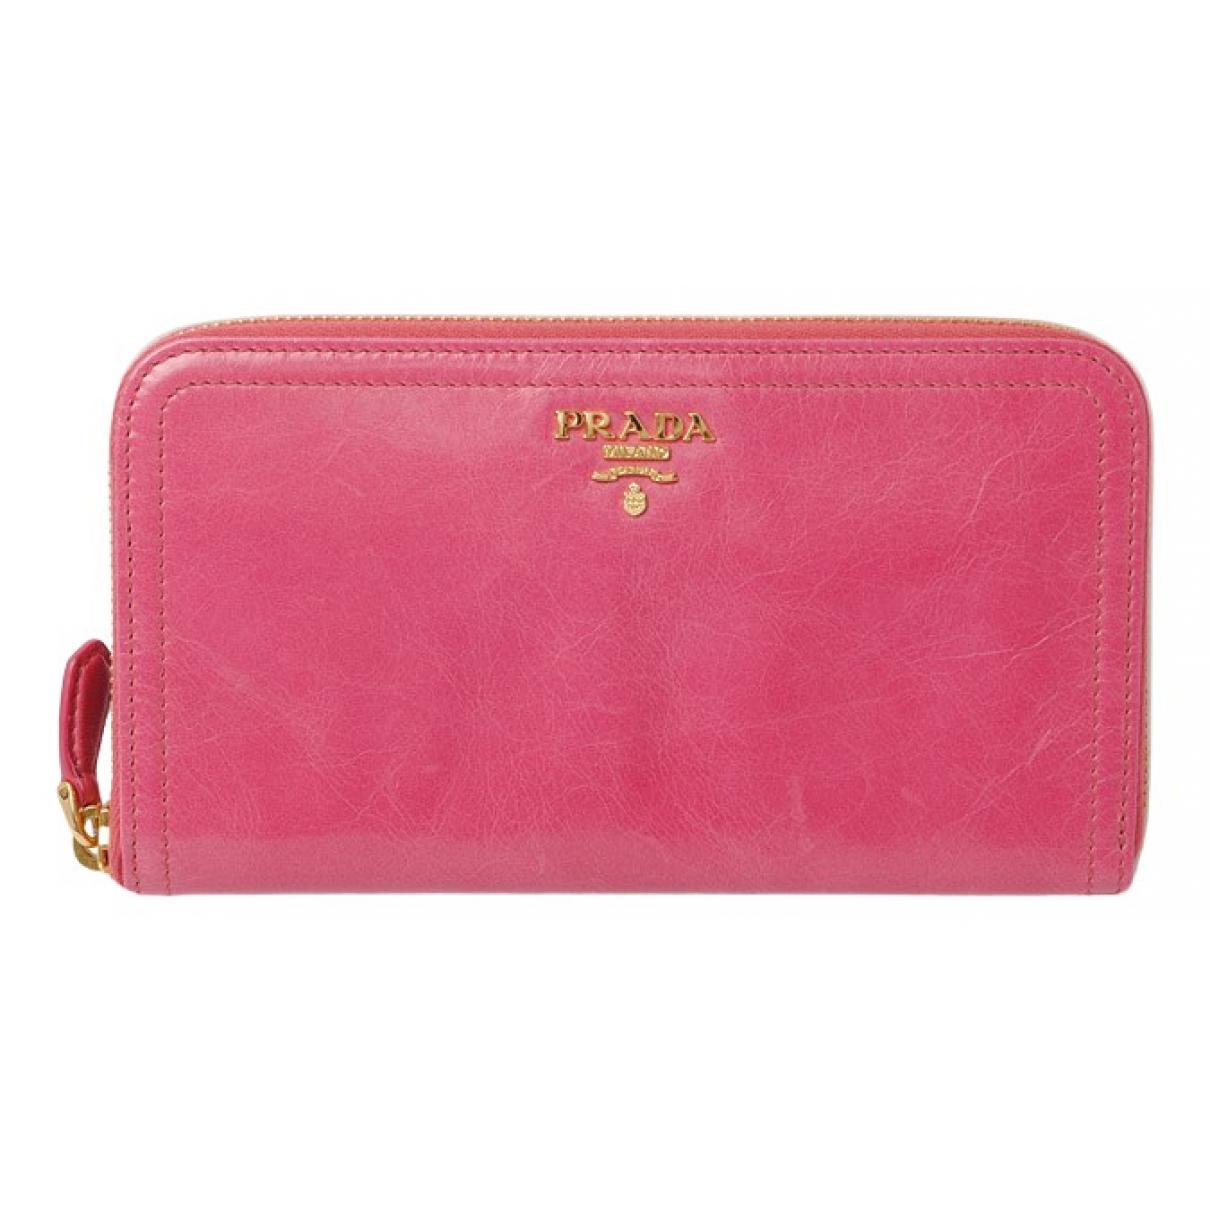 Prada N Pink wallet for Women N